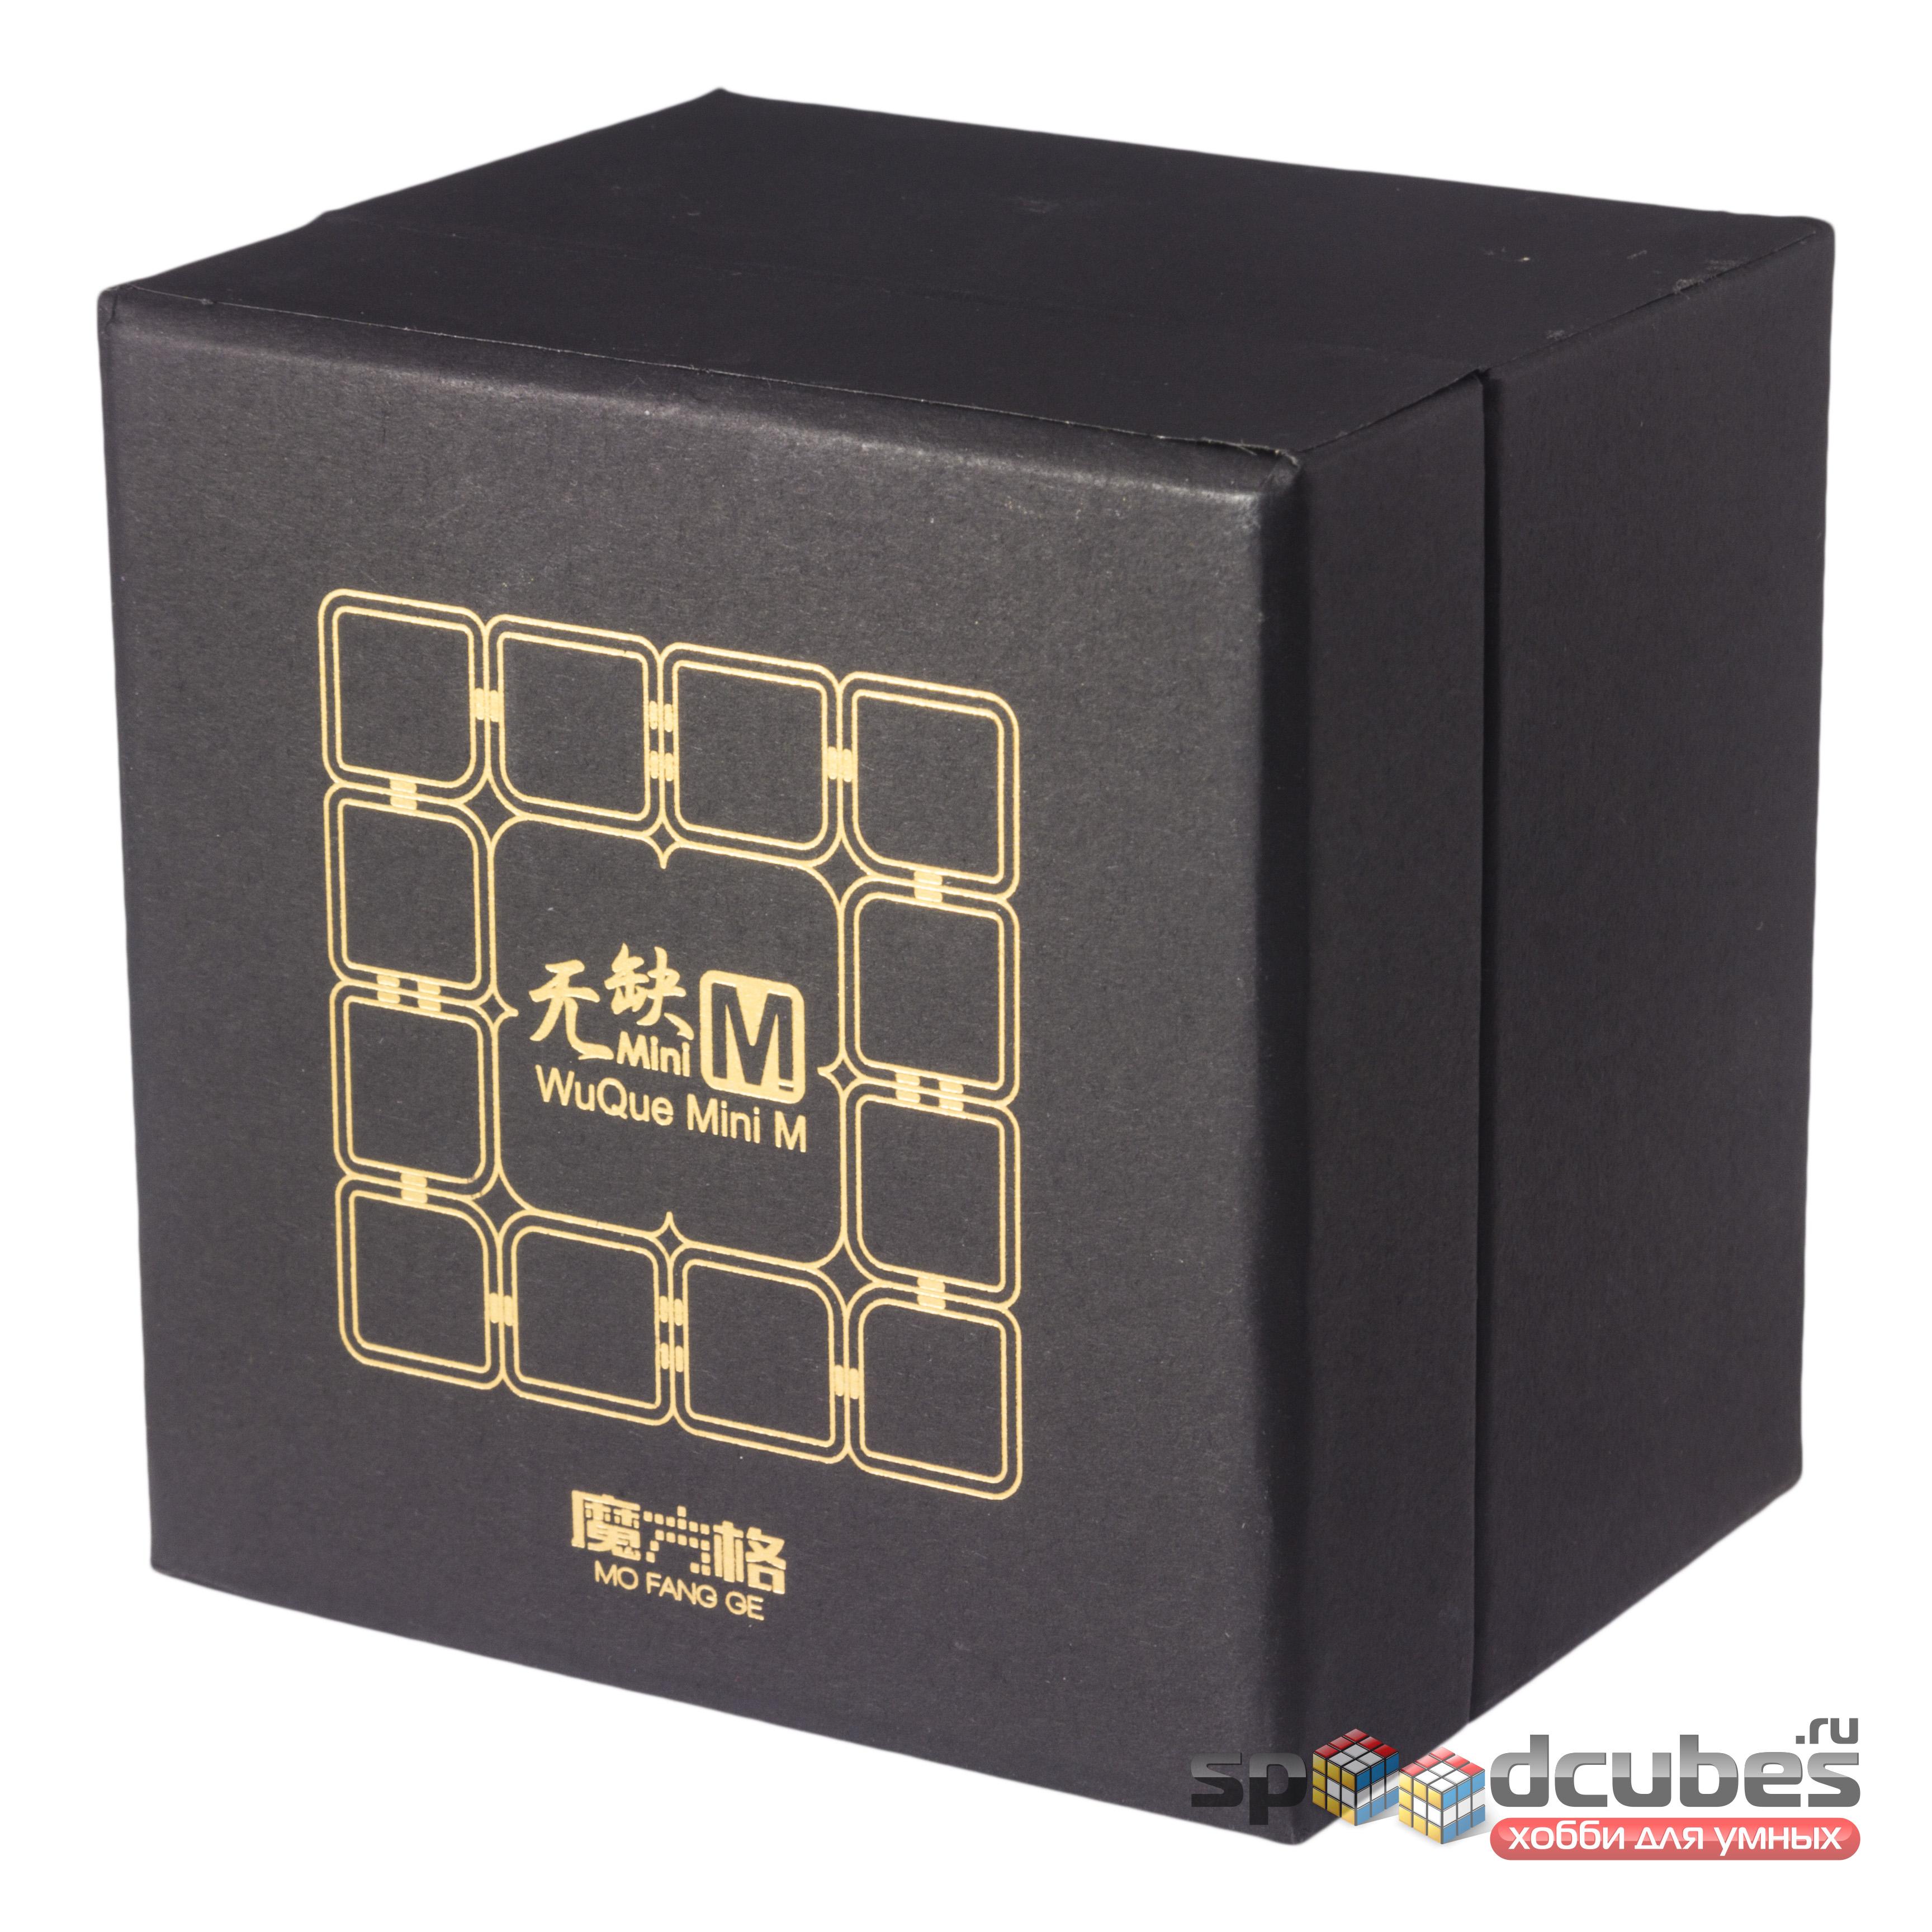 Qiyi Mofangge 4x4x4 Wuque Mini M Black 1